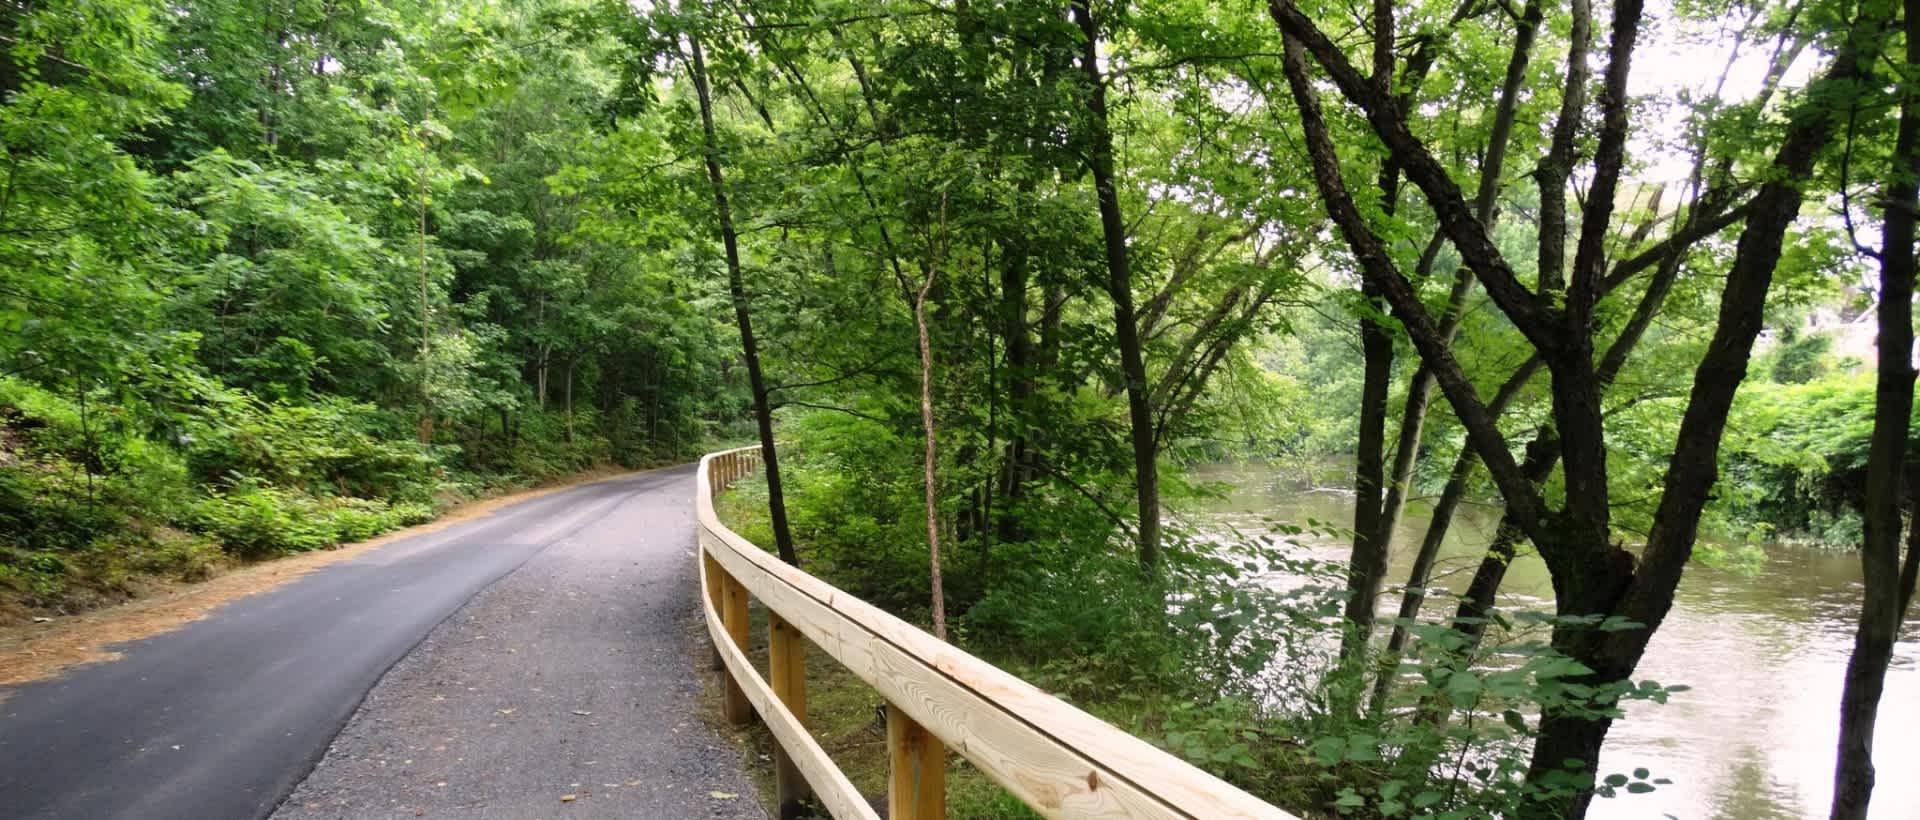 Lackawanna River Trail